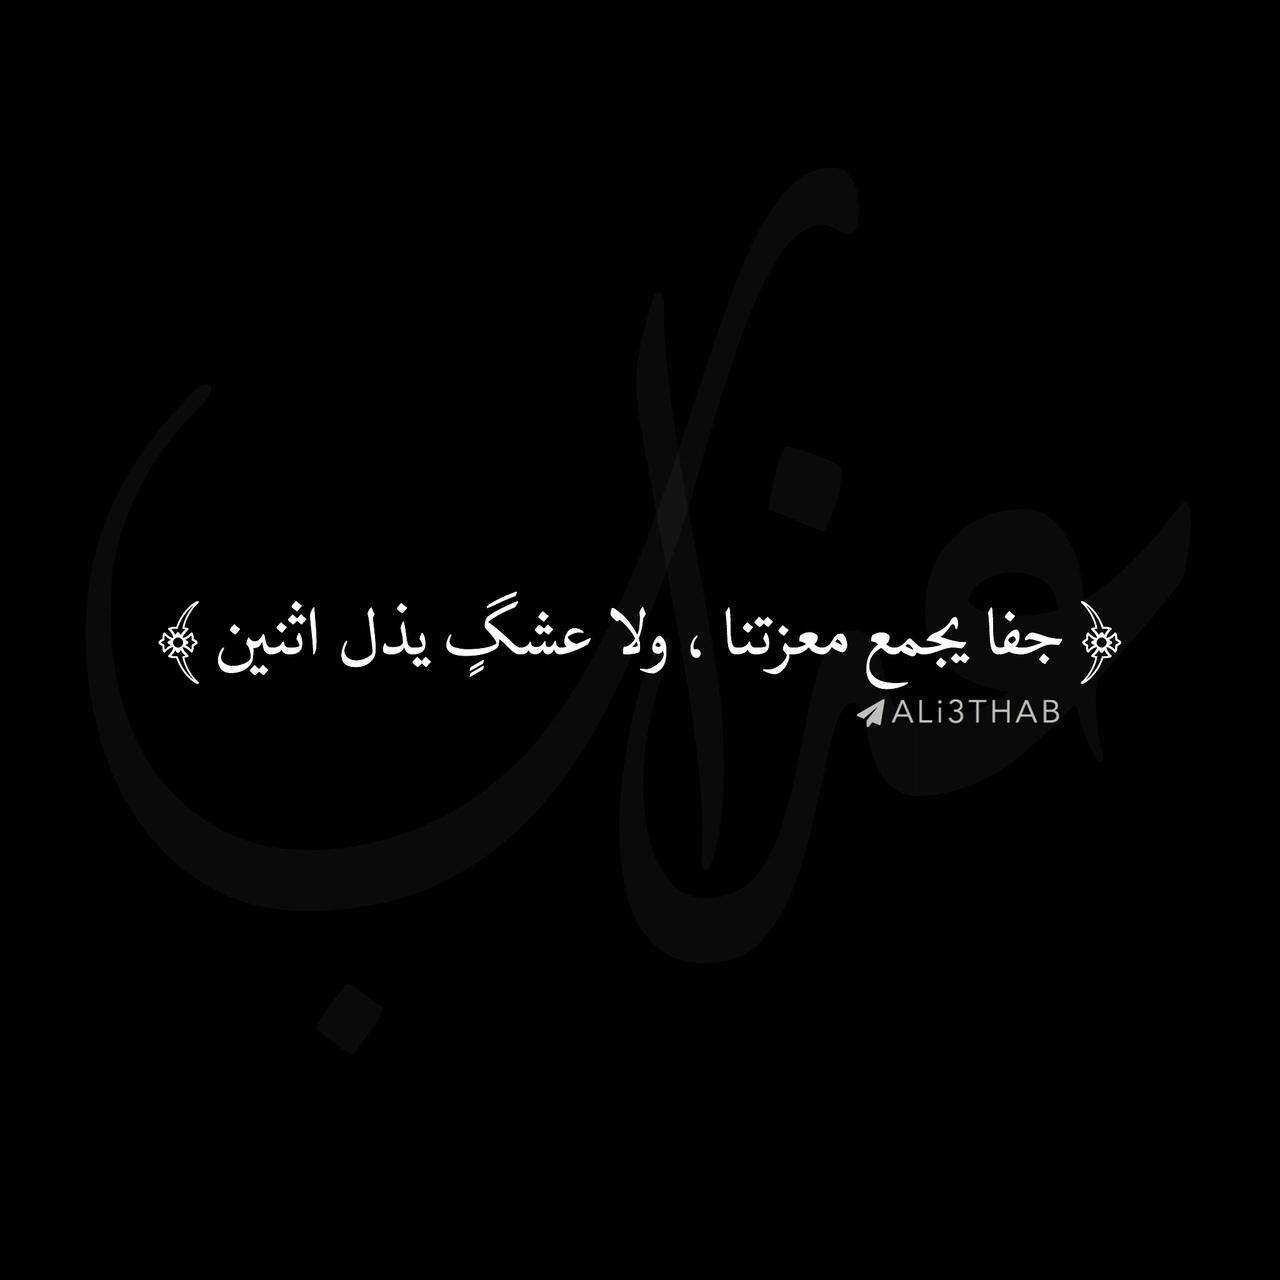 عتابً, اقتباسً, and رواية image